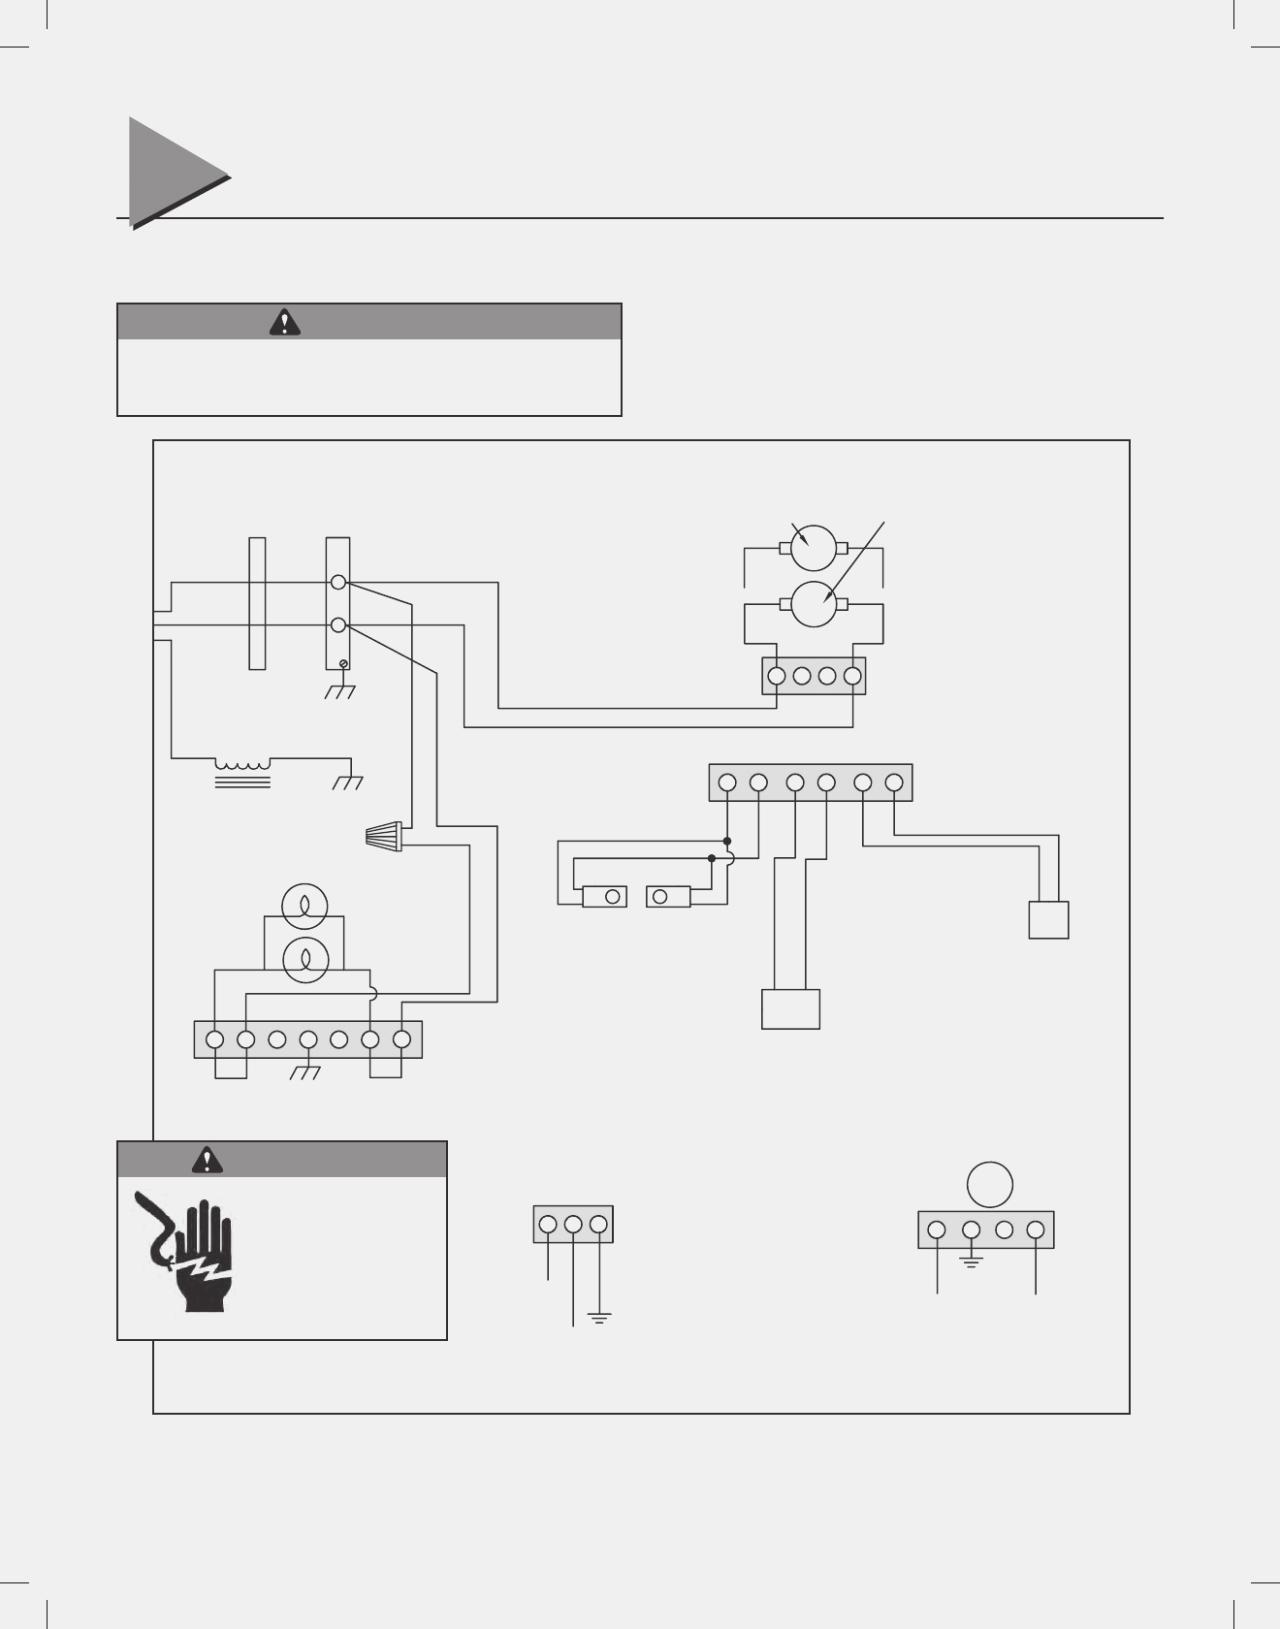 Old Genie Garage Door Opener Wiring Diagram | Wiring Diagram - Genie Garage Door Opener Wiring Diagram